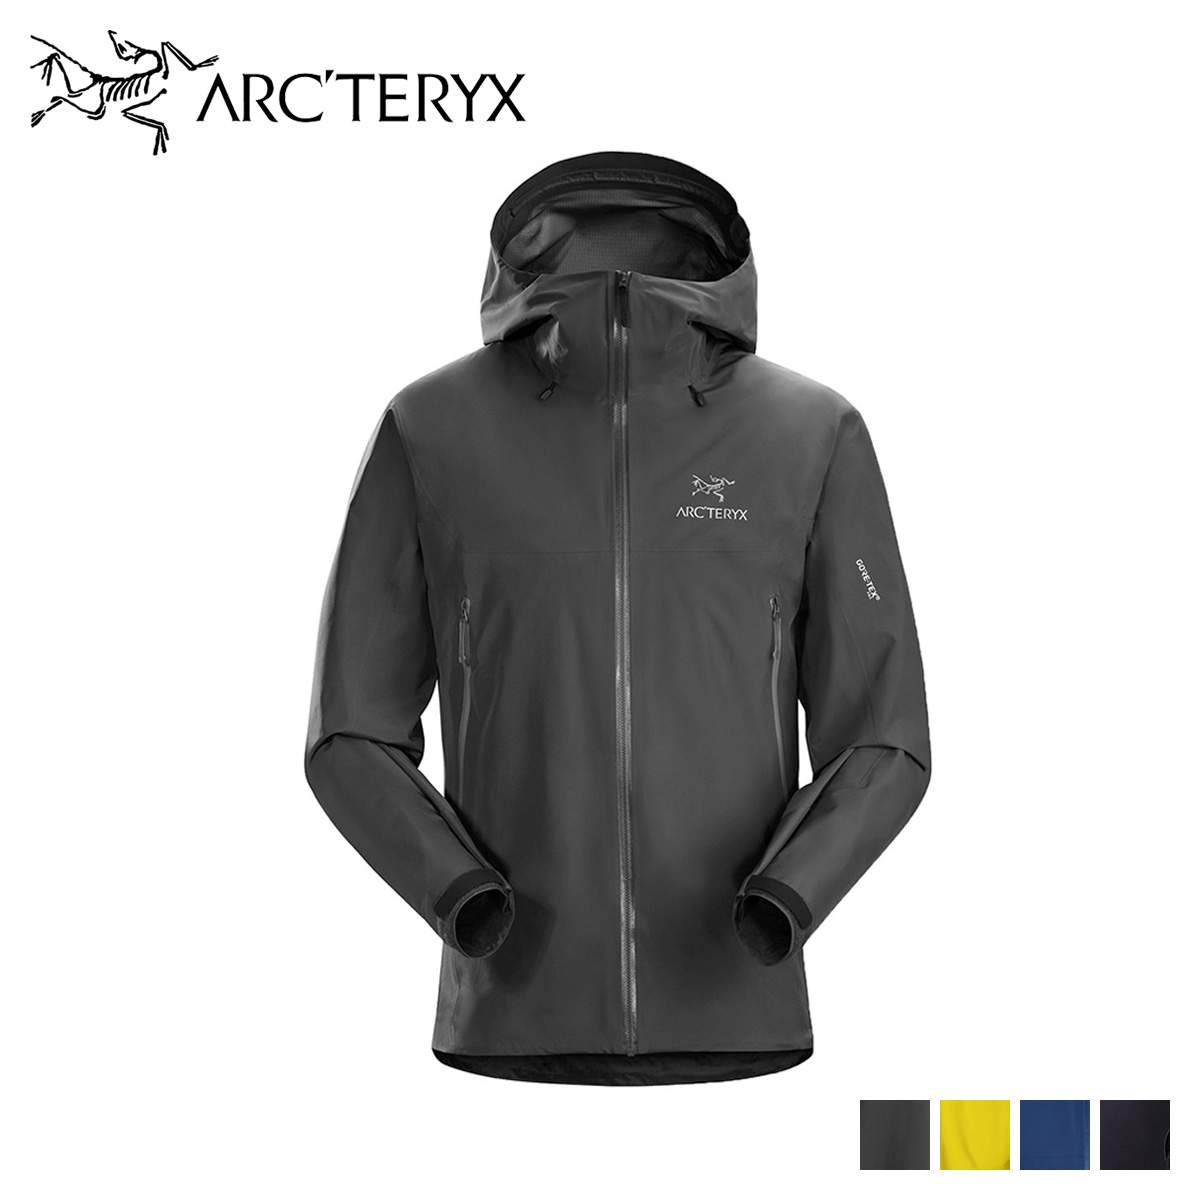 アークテリクス ARCTERYX ジャケット ベータ メンズ BETA LT JACKET ブラック ブルー イエロー 黒 18007